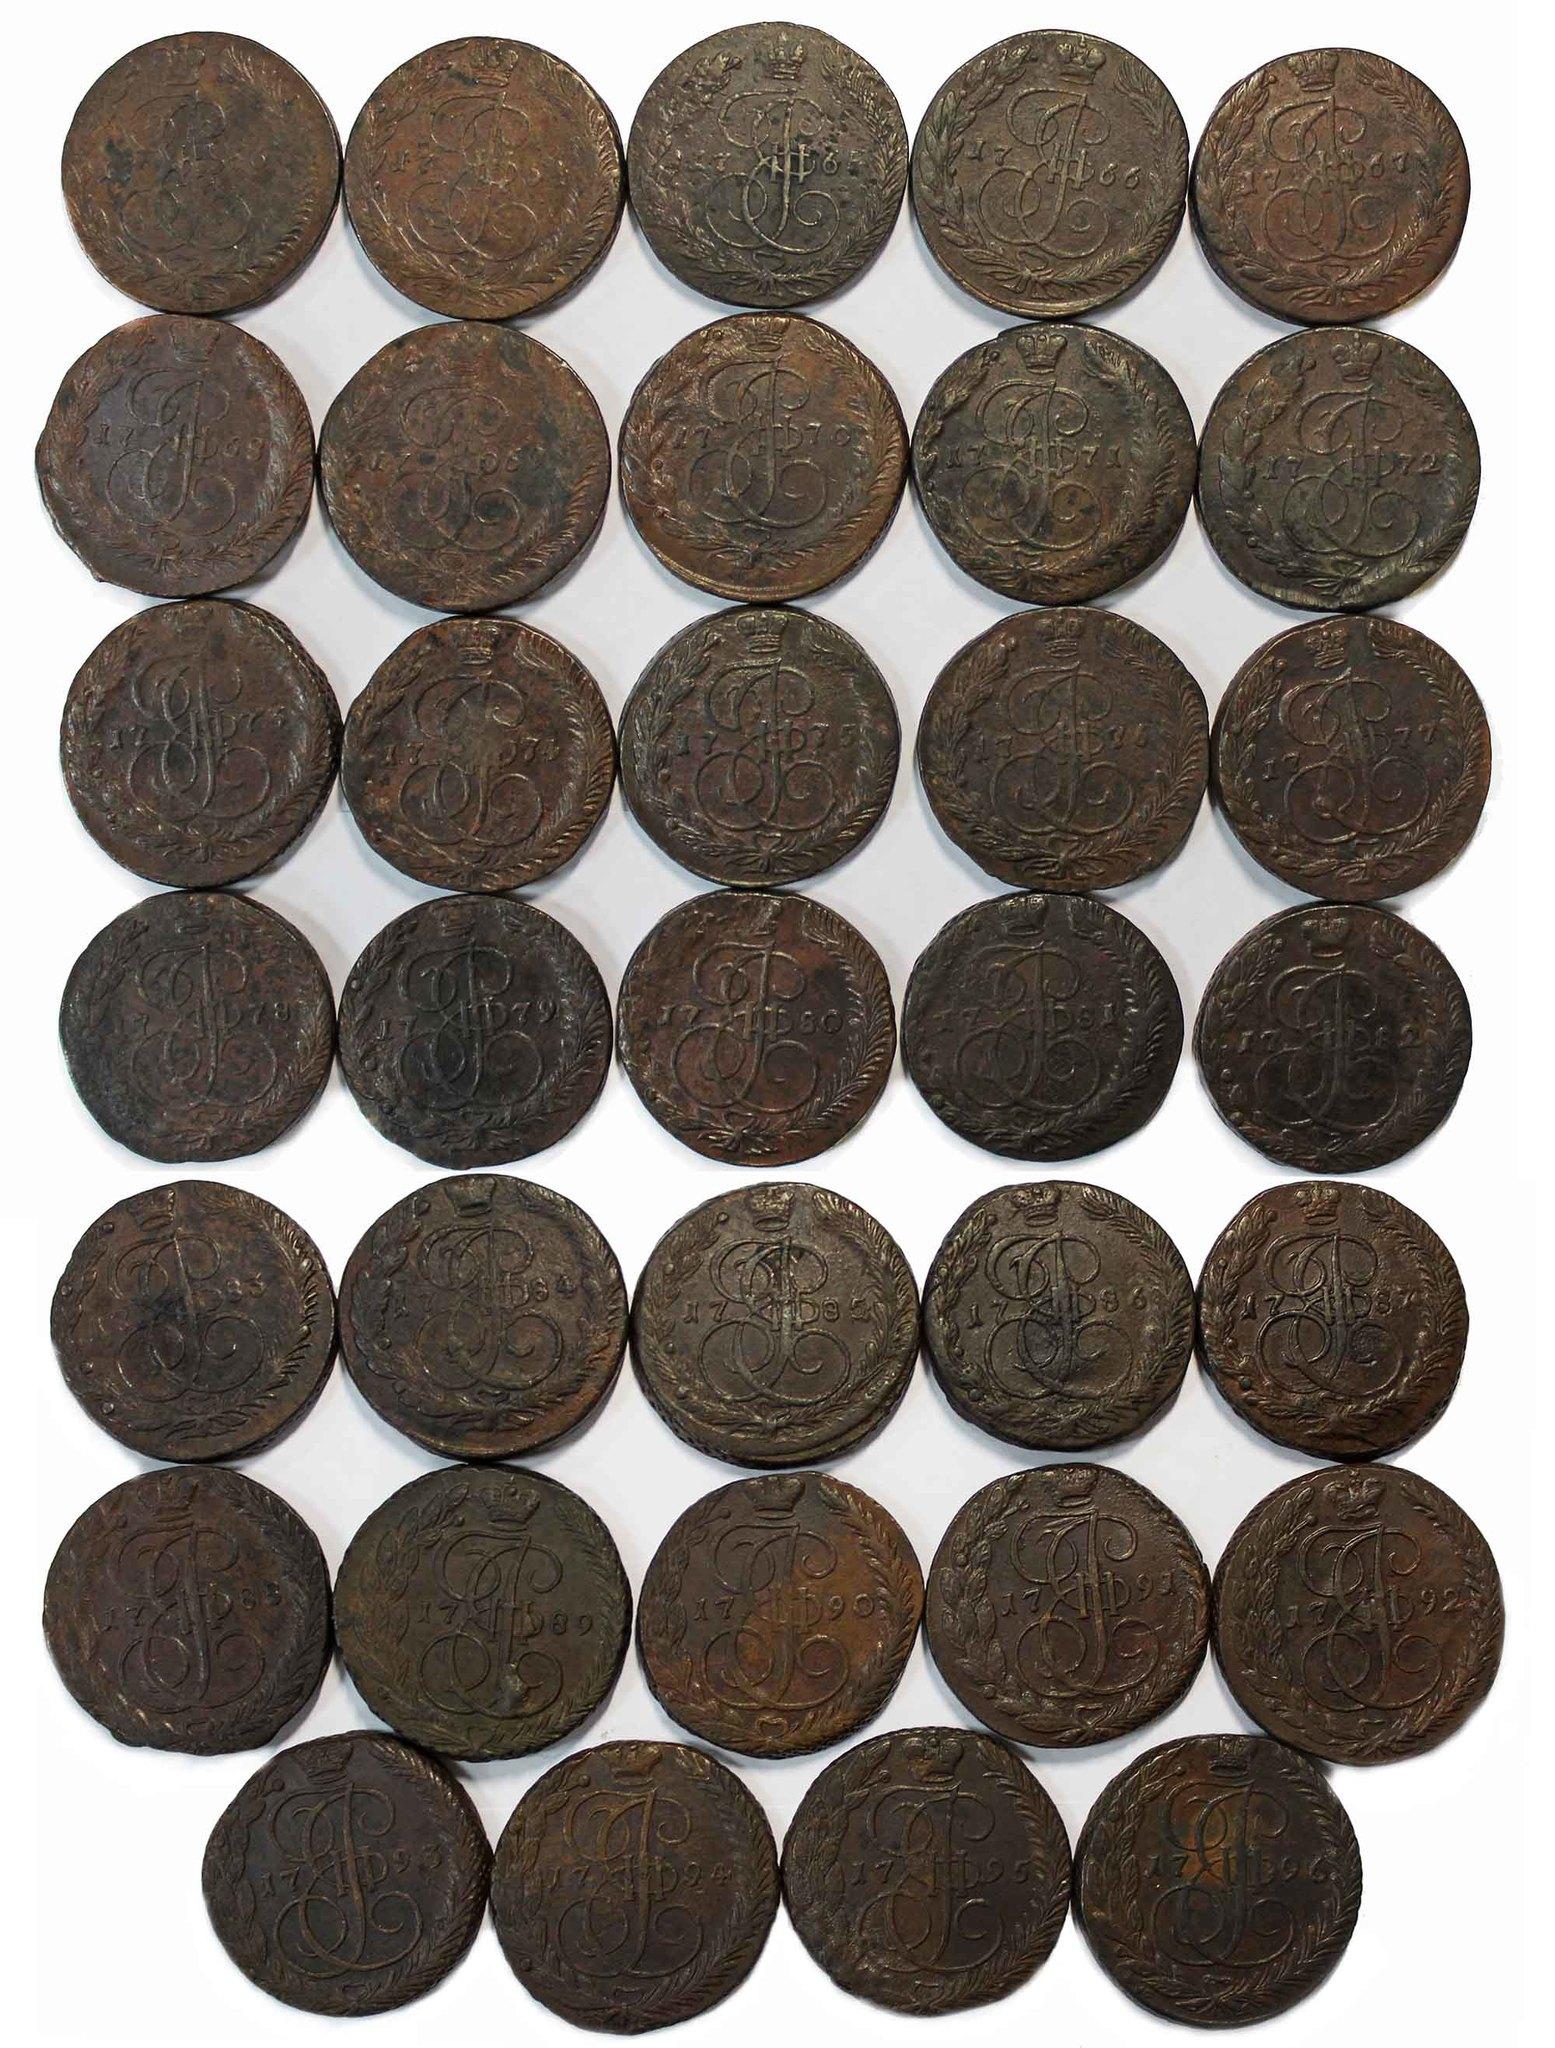 выполнять коллекции монет российская империя фото жизни красивых